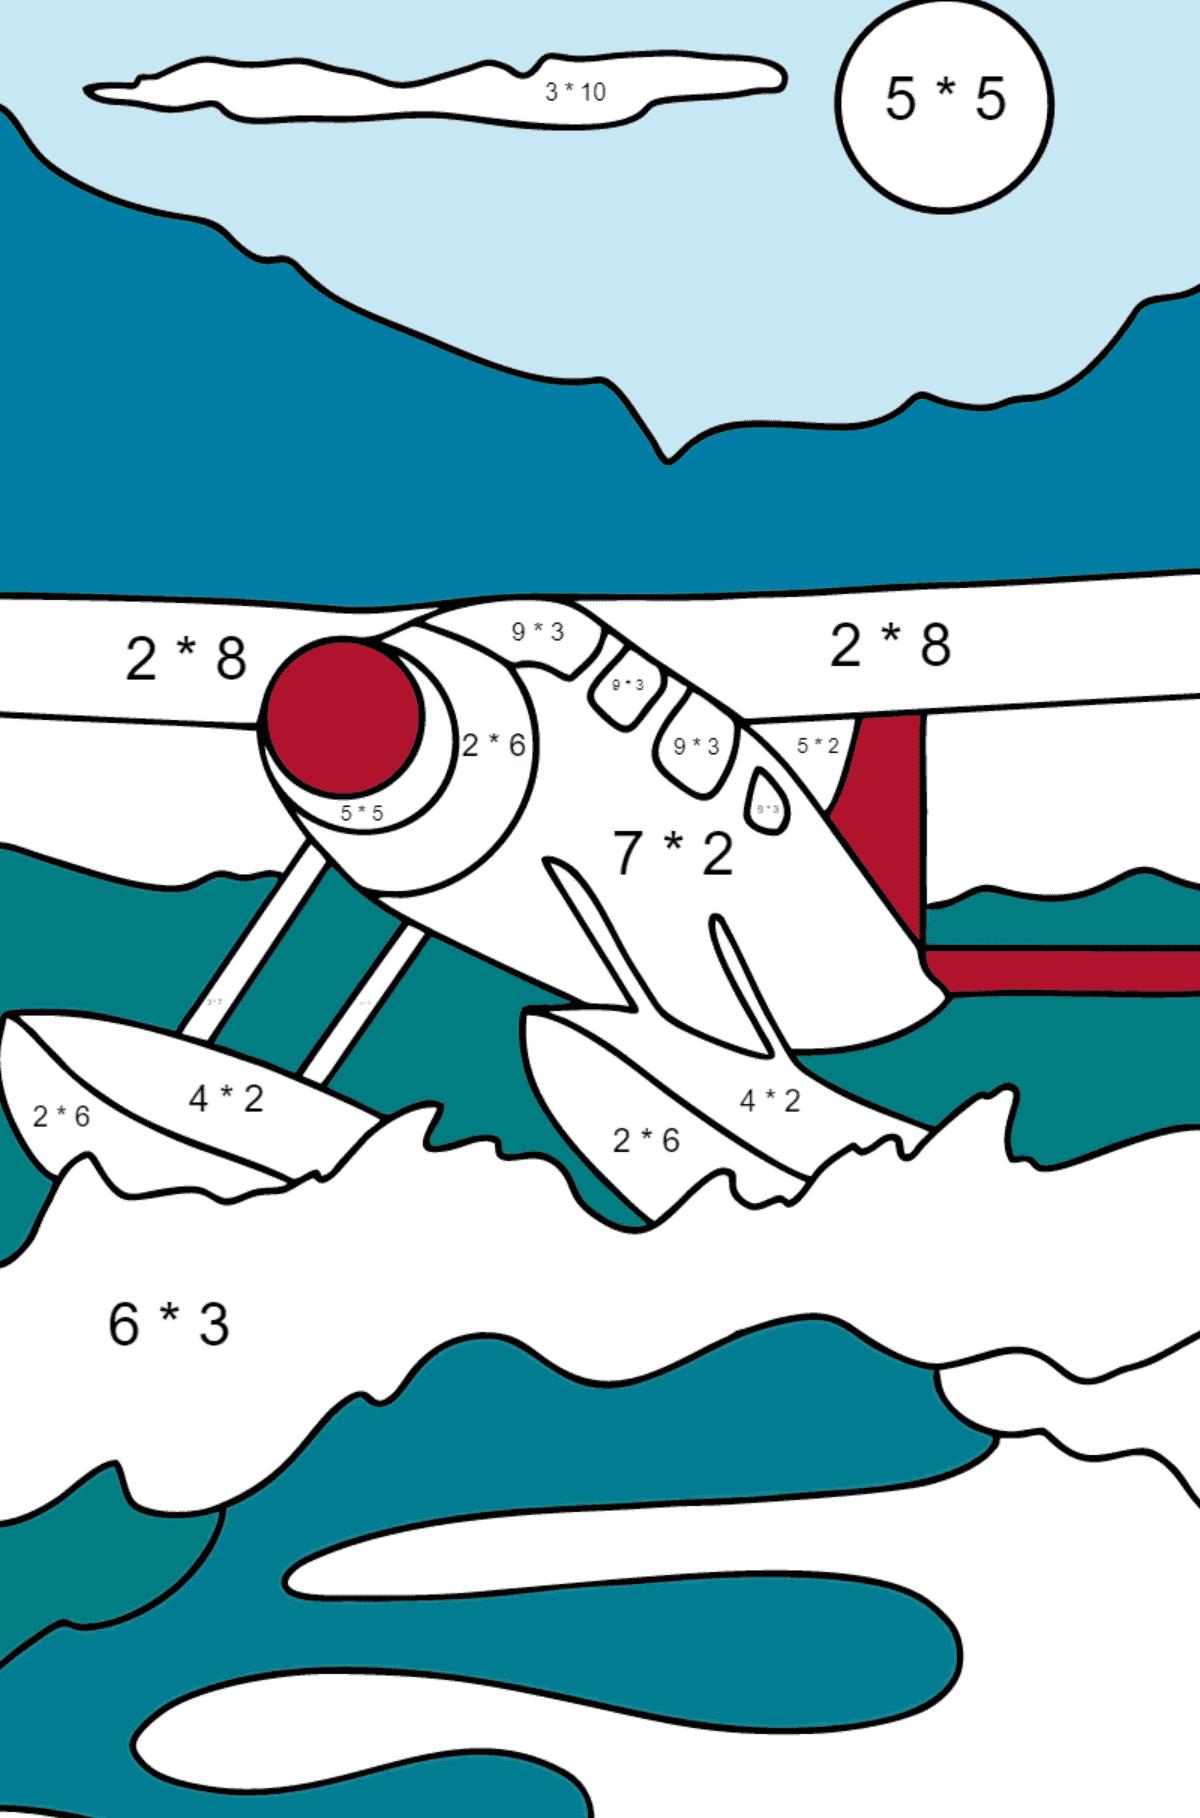 Раскраска гидросамолет - Математическая Раскраска - Умножение для Детей